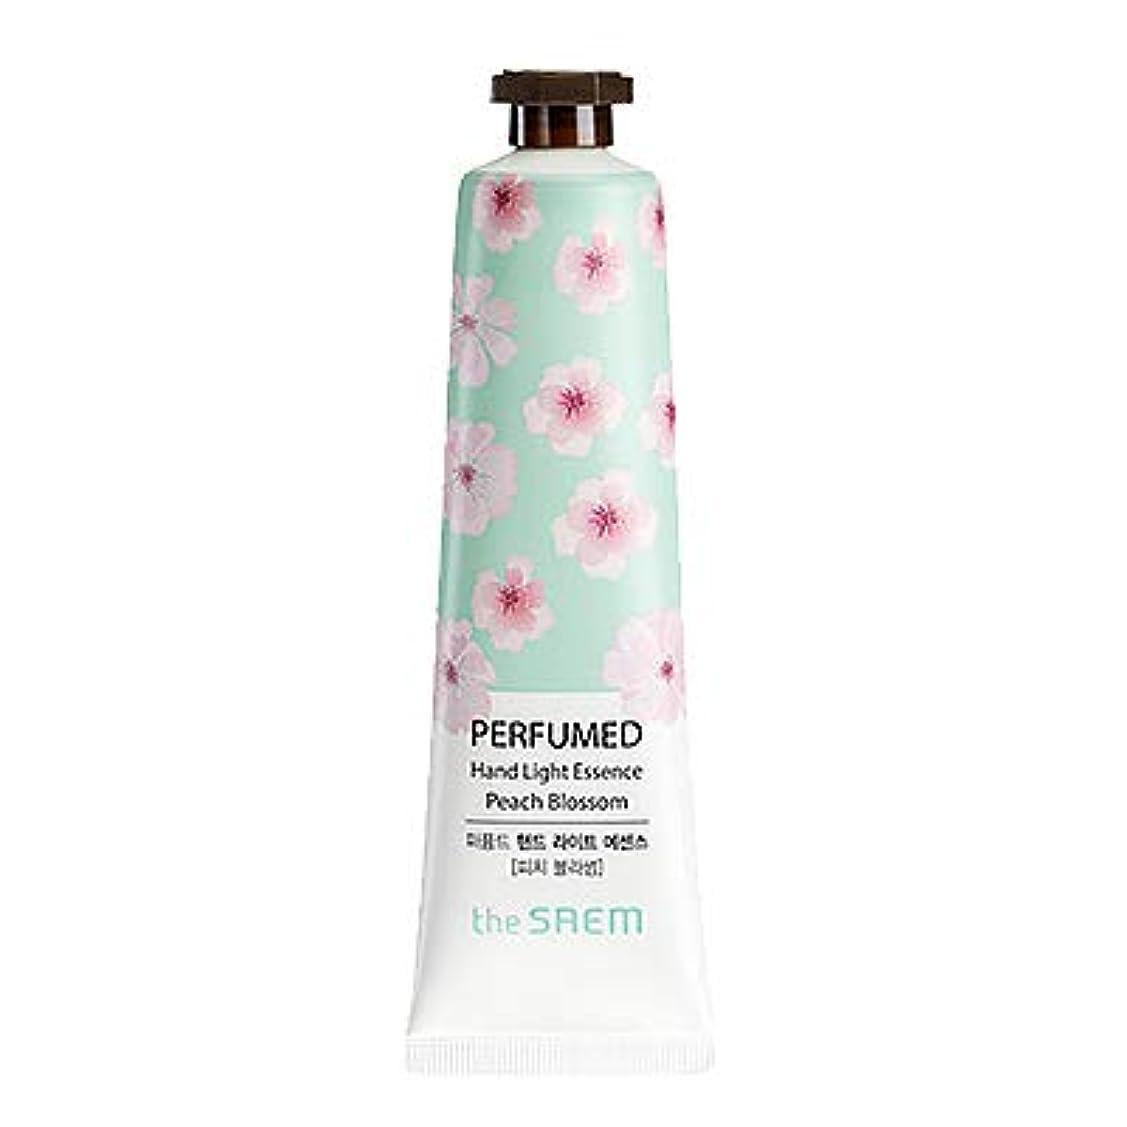 連隊回転させる不良品theSAEM ザセム パヒューム ハンド ライト エッセンス ハンドクリーム PERFUMED HAND LIGHT ESSENCE 韓国コスメ (E-Peach Blossom(ピーチブロッサム))